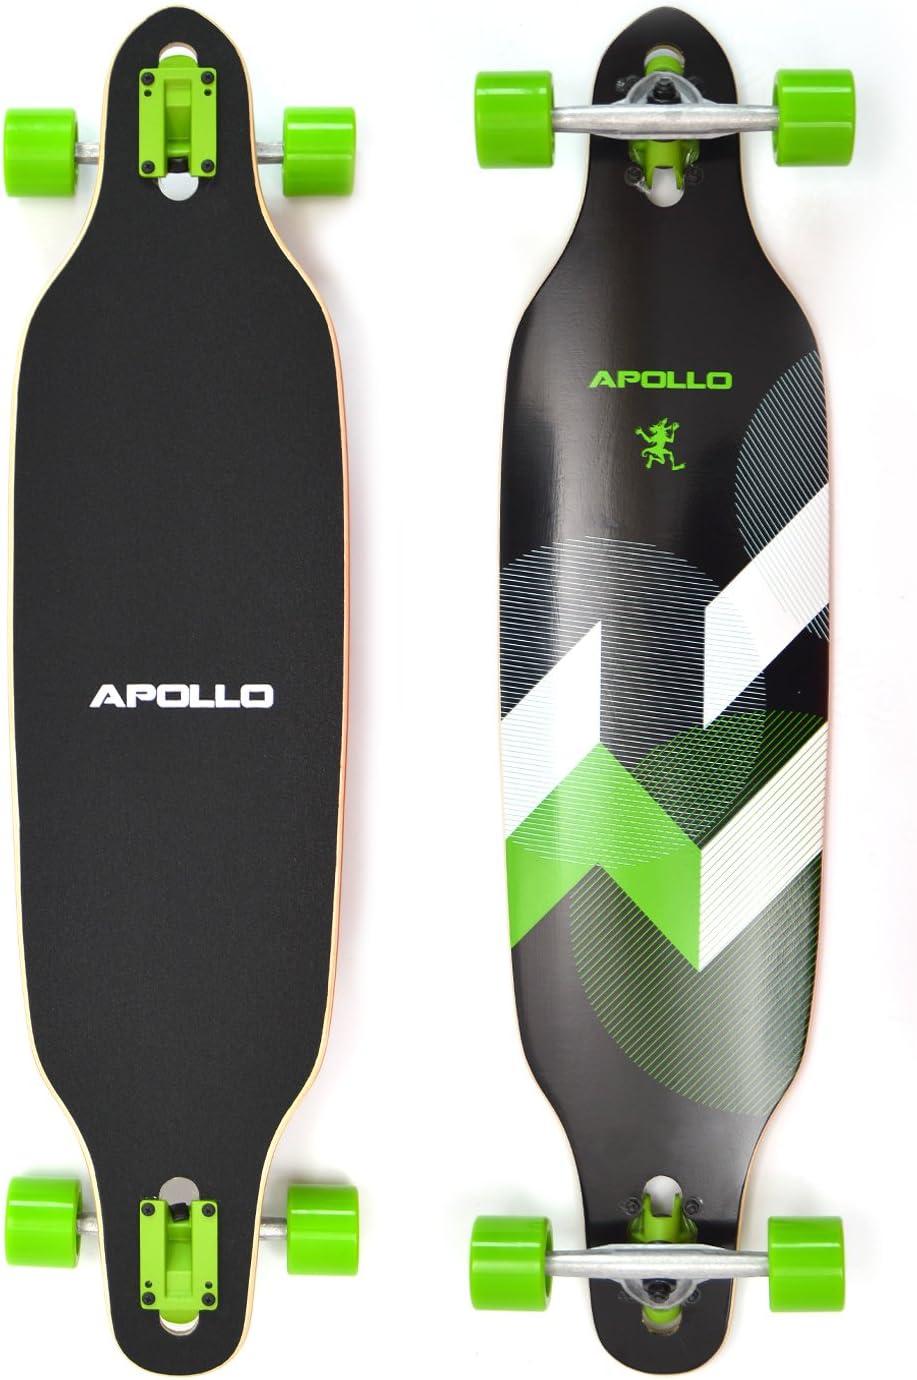 Apollo Longboard Suva Flex 3